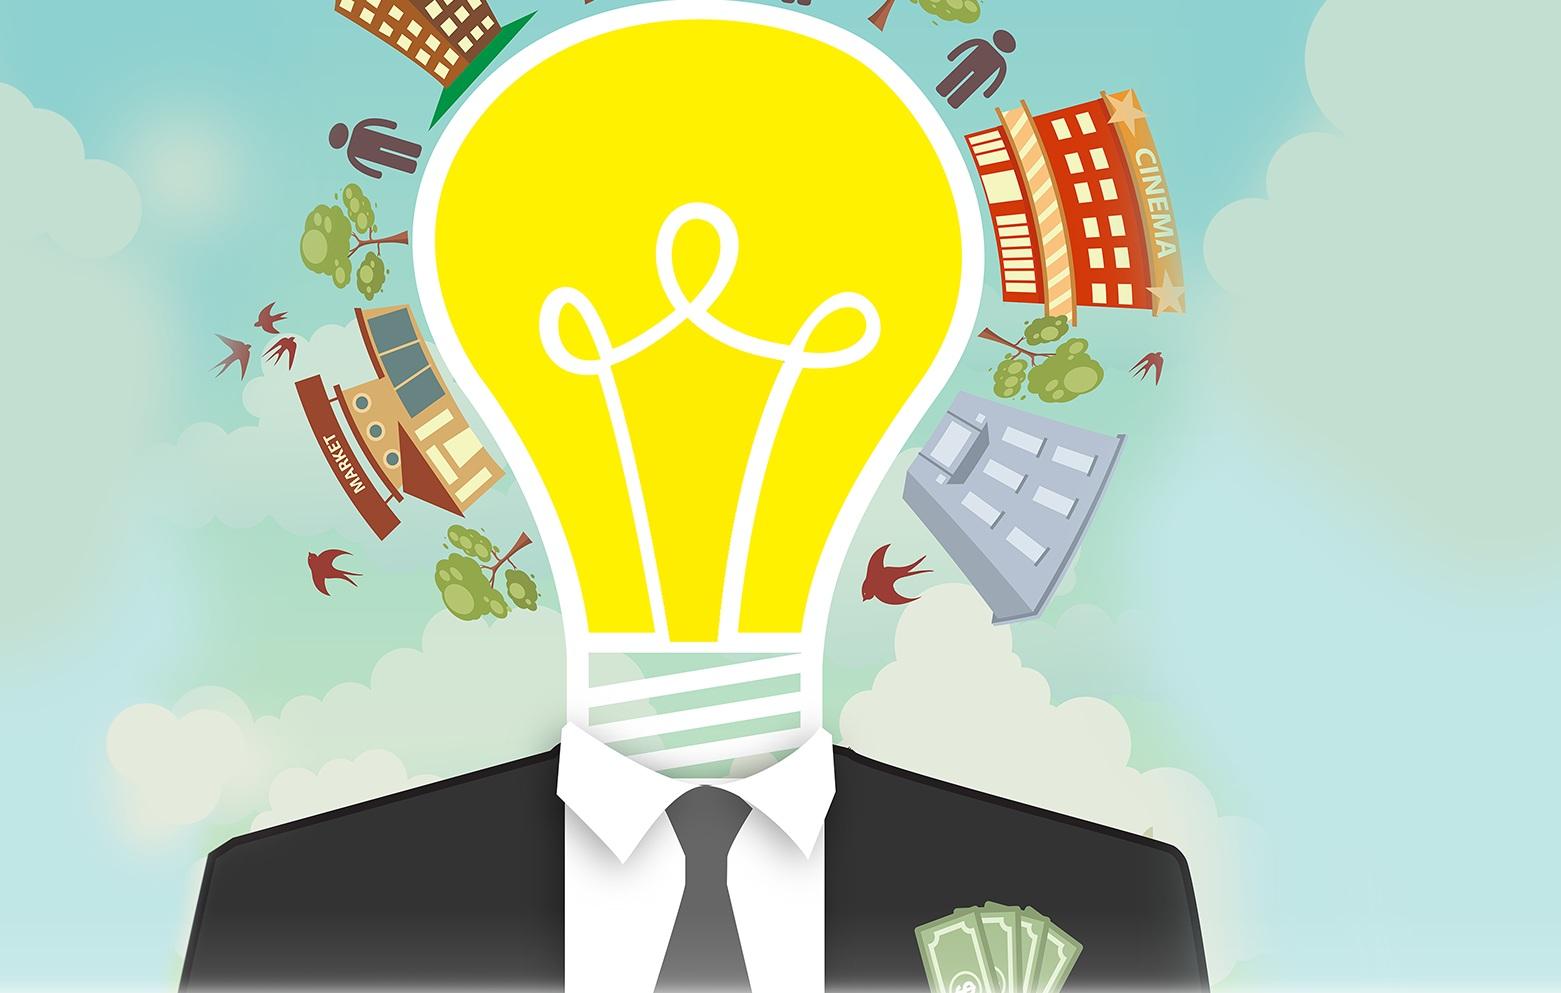 Kinh nghiệm kinh doanh không cần vốn